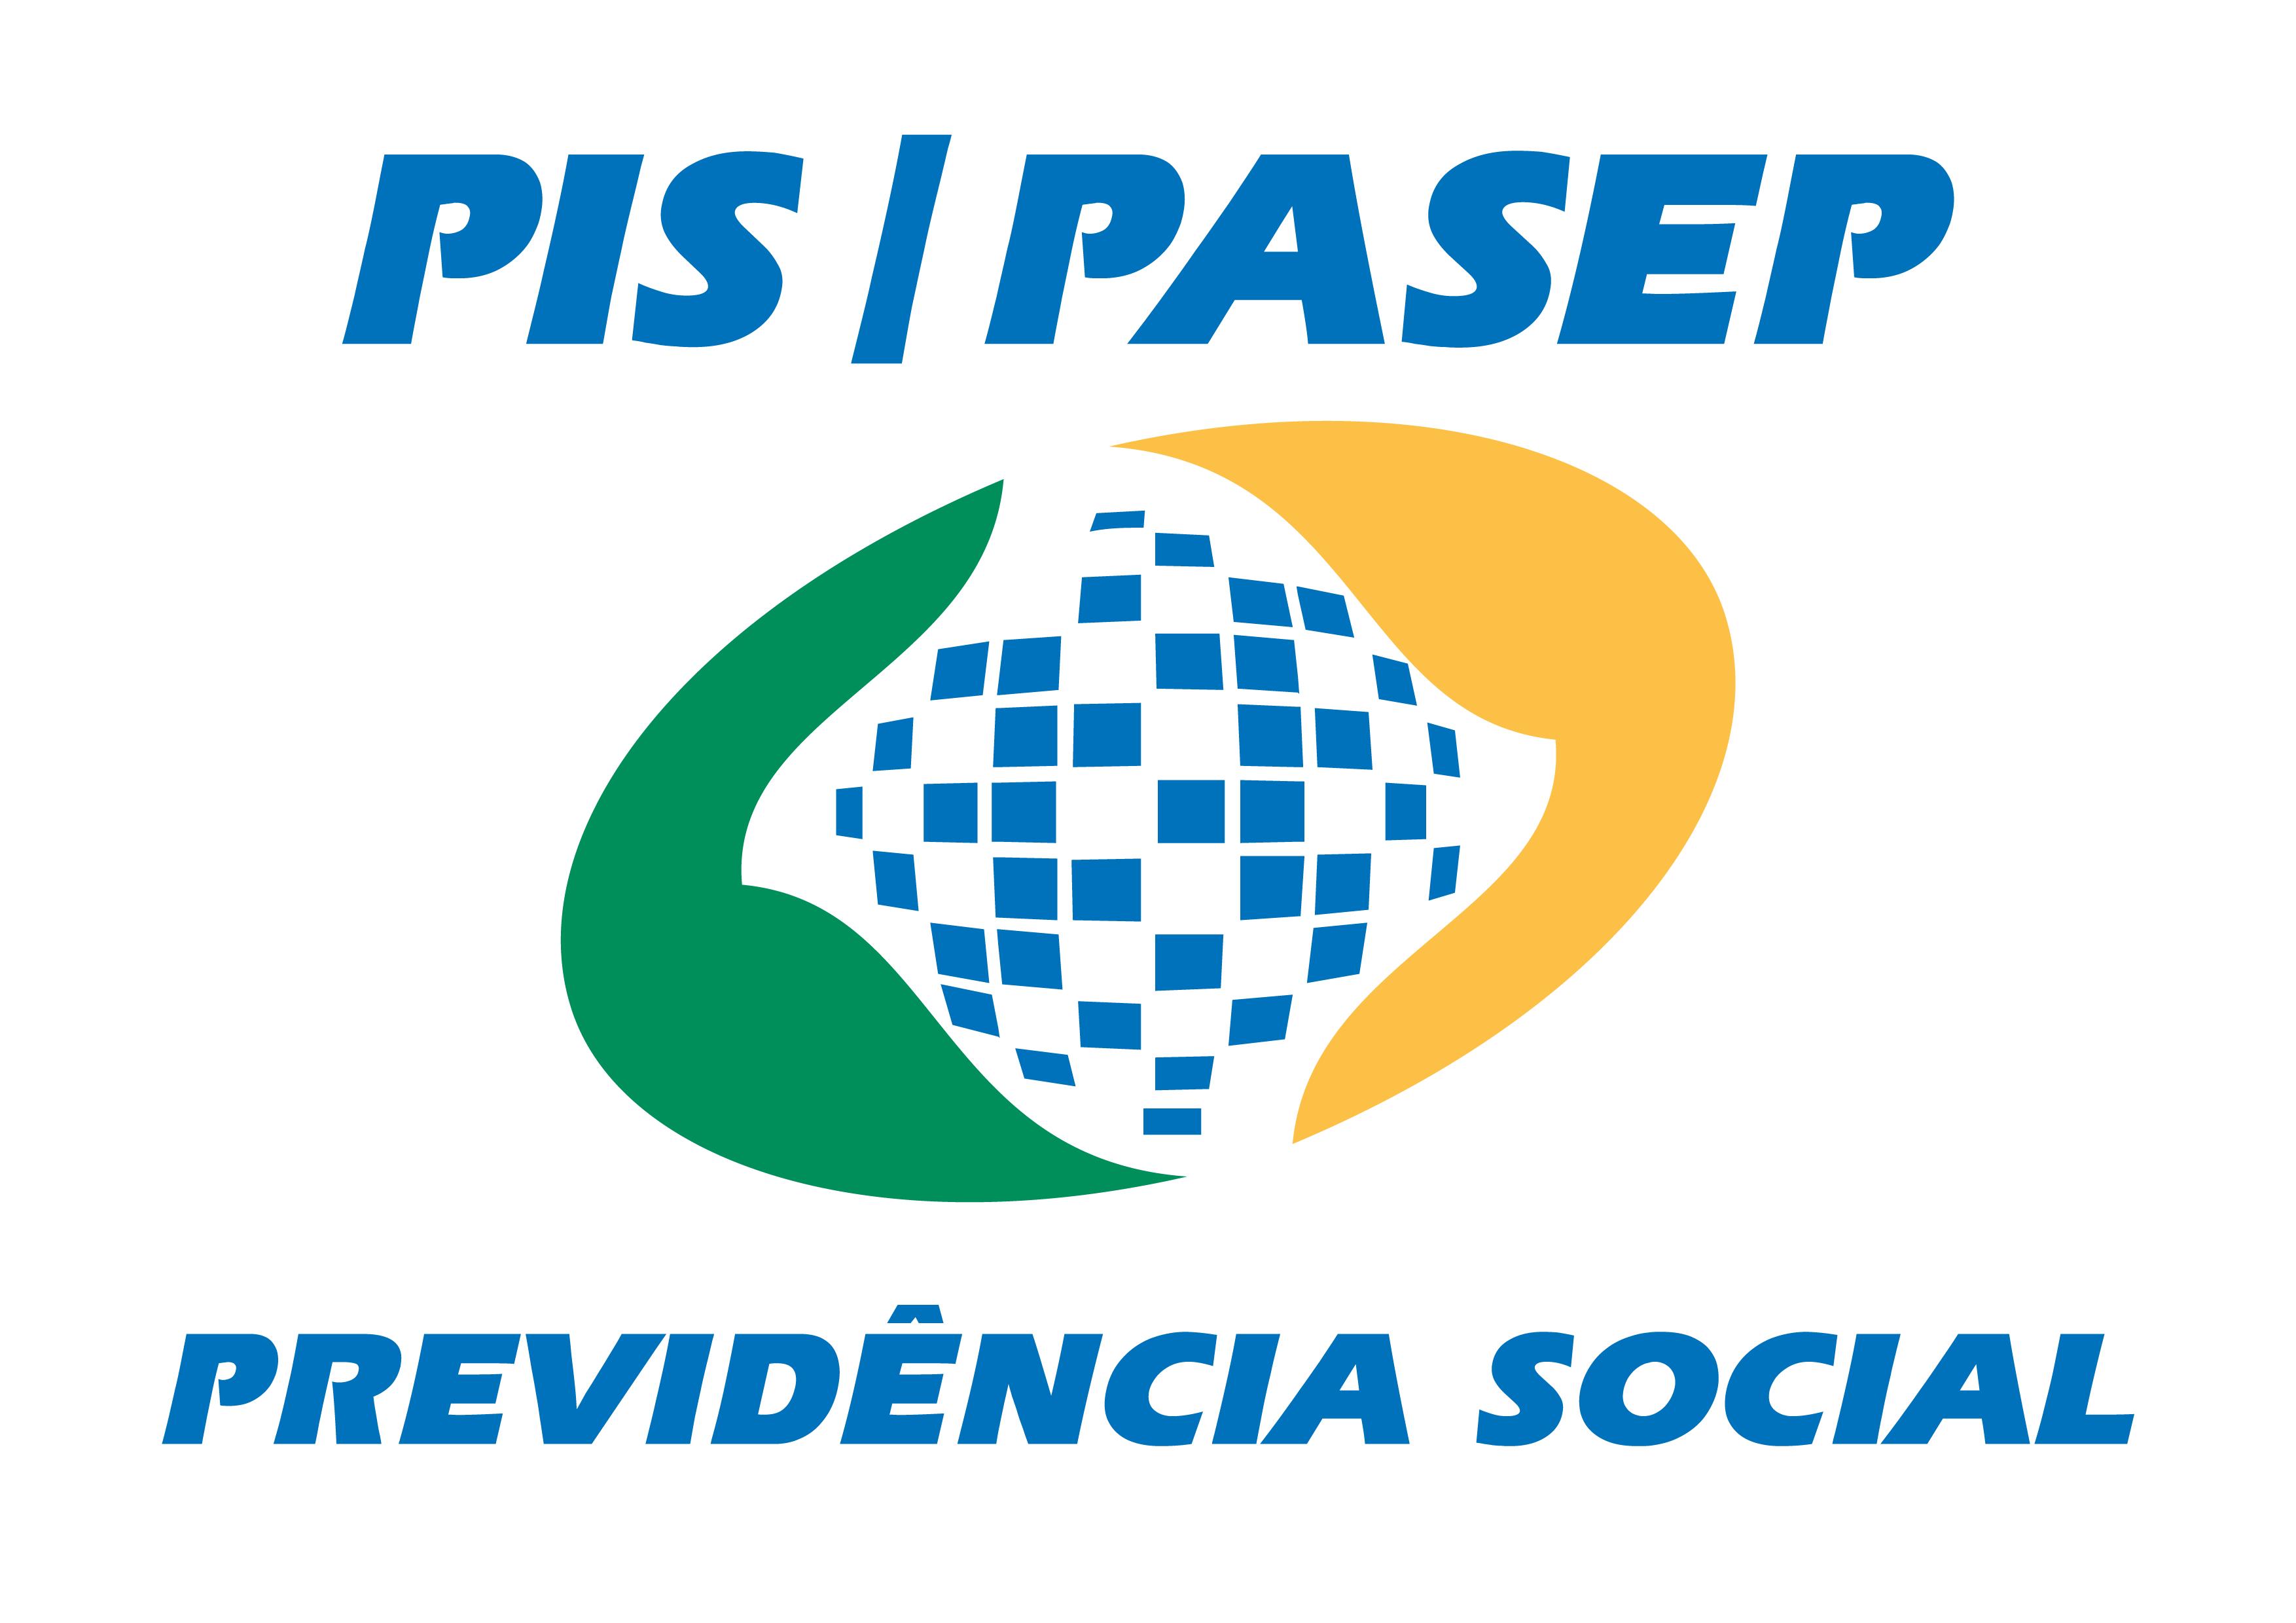 627 MIL BRASILEIROS VÃO RECEBER O DINHEIRO EXTRA DO PIS SEM SAIR DE CASA